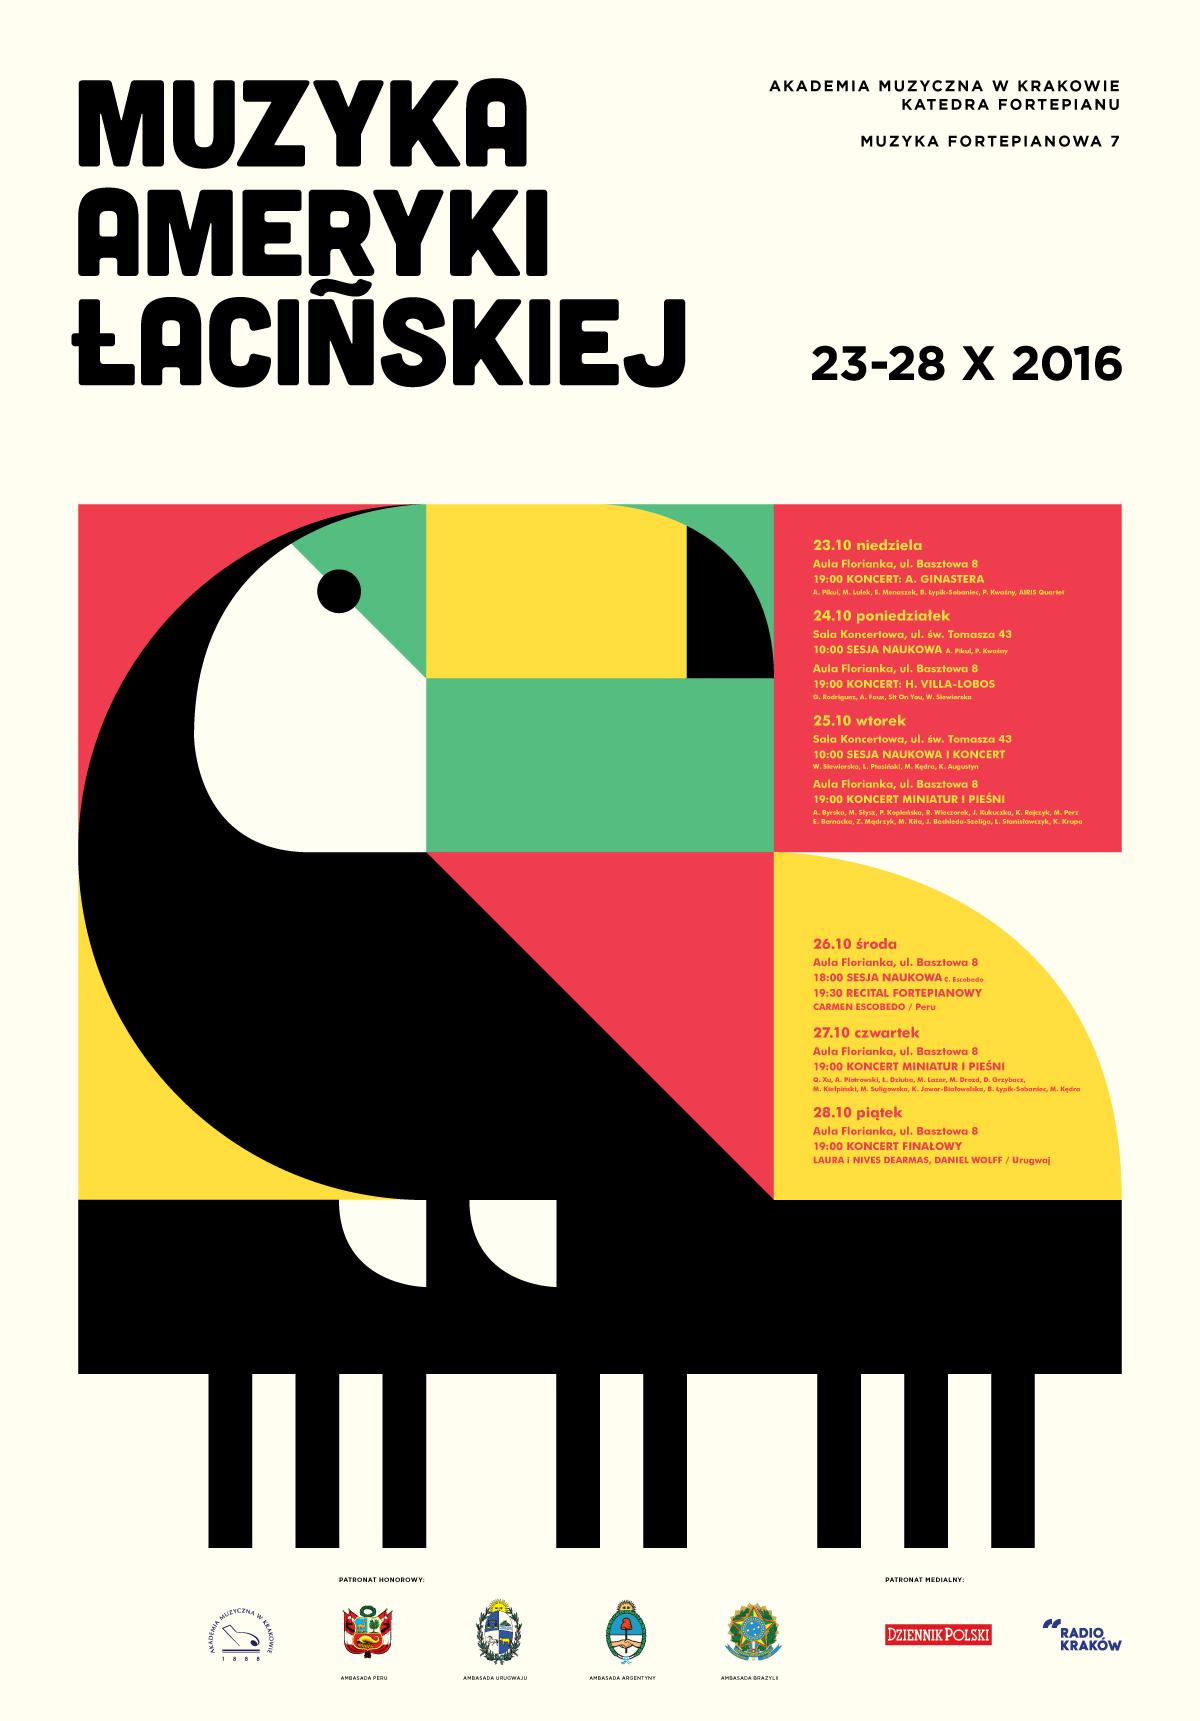 plakat nadesłany przez Organizatora (Akademia Muzyczna w Krakowie)